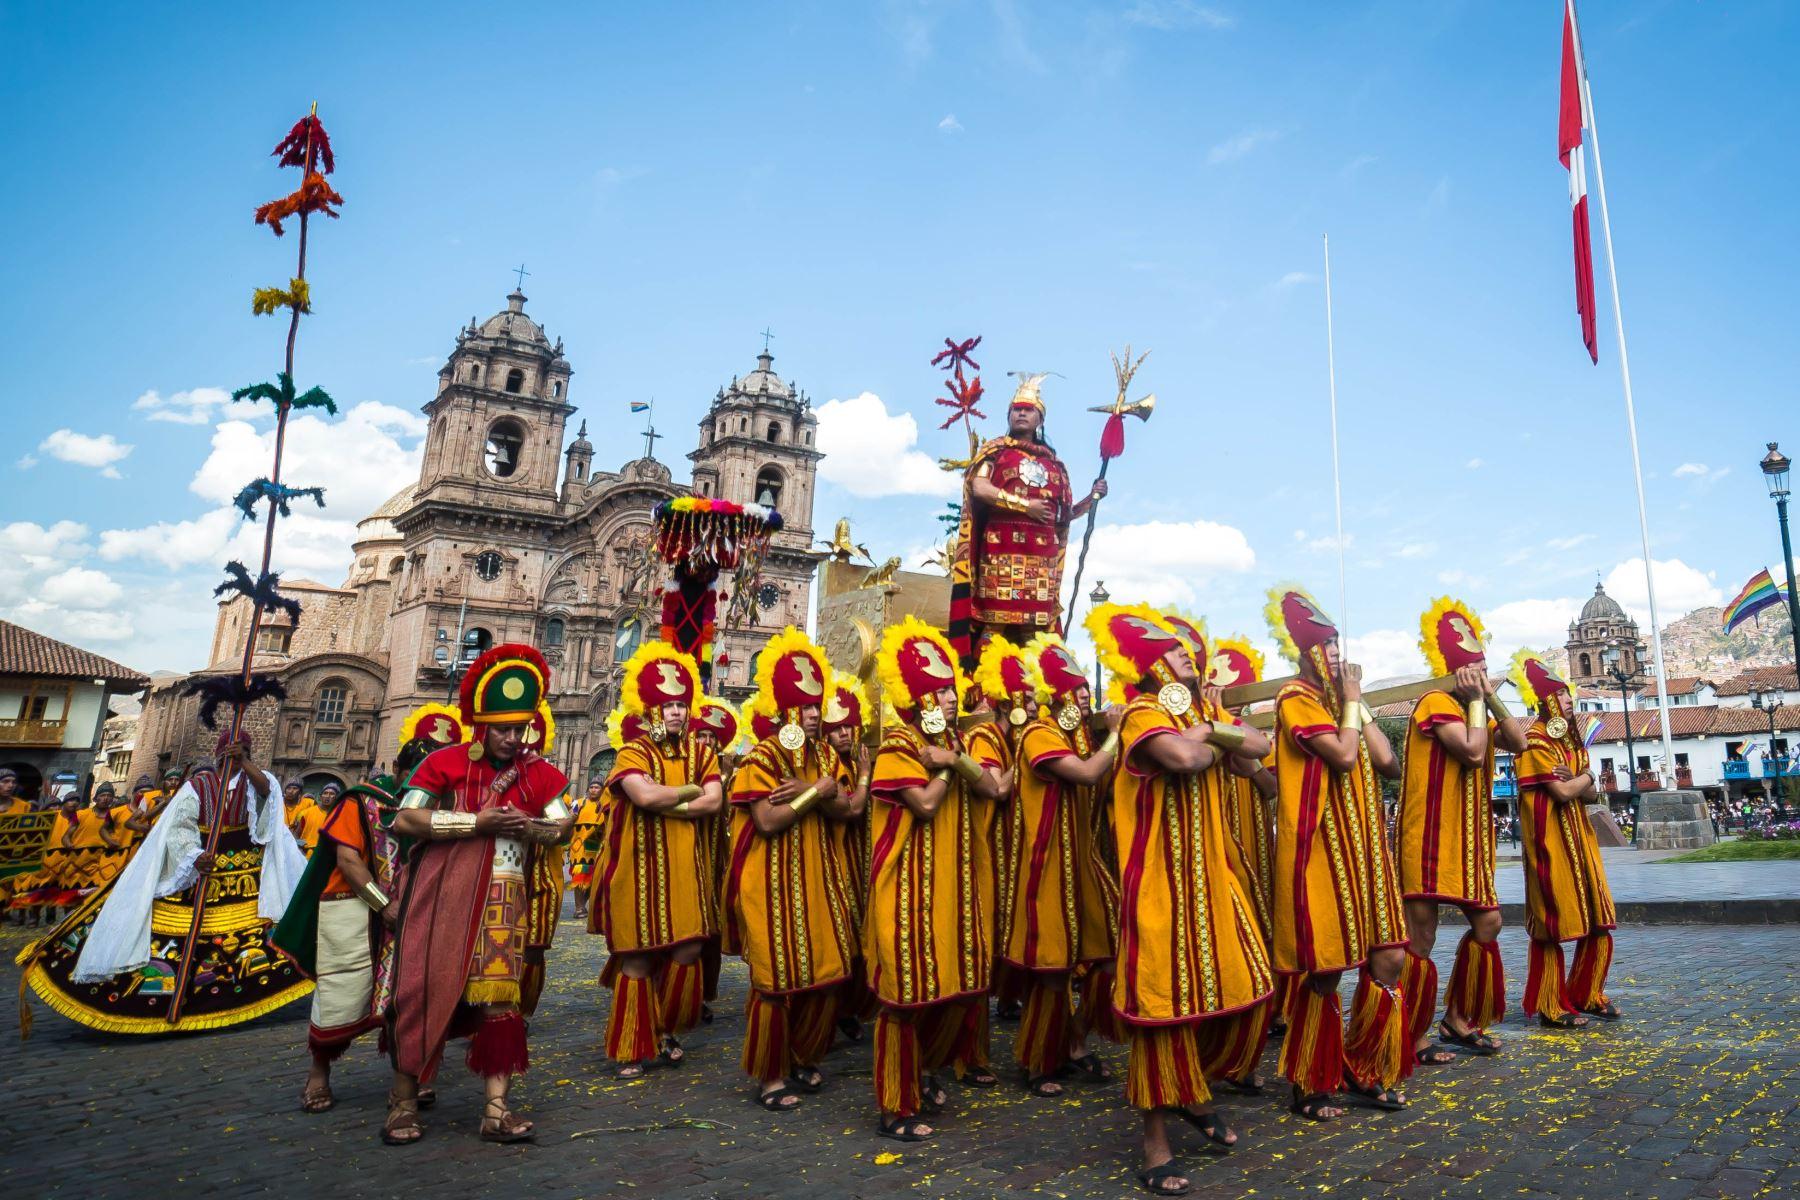 Durante la extirpación de las idolatrías, en 1532, el virrey Toledo la prohibió por considerarla una ceremonia pagana, contraria a la fe católica. Era celebrada a escondidas.Foto: ANDINA/EMUFEC